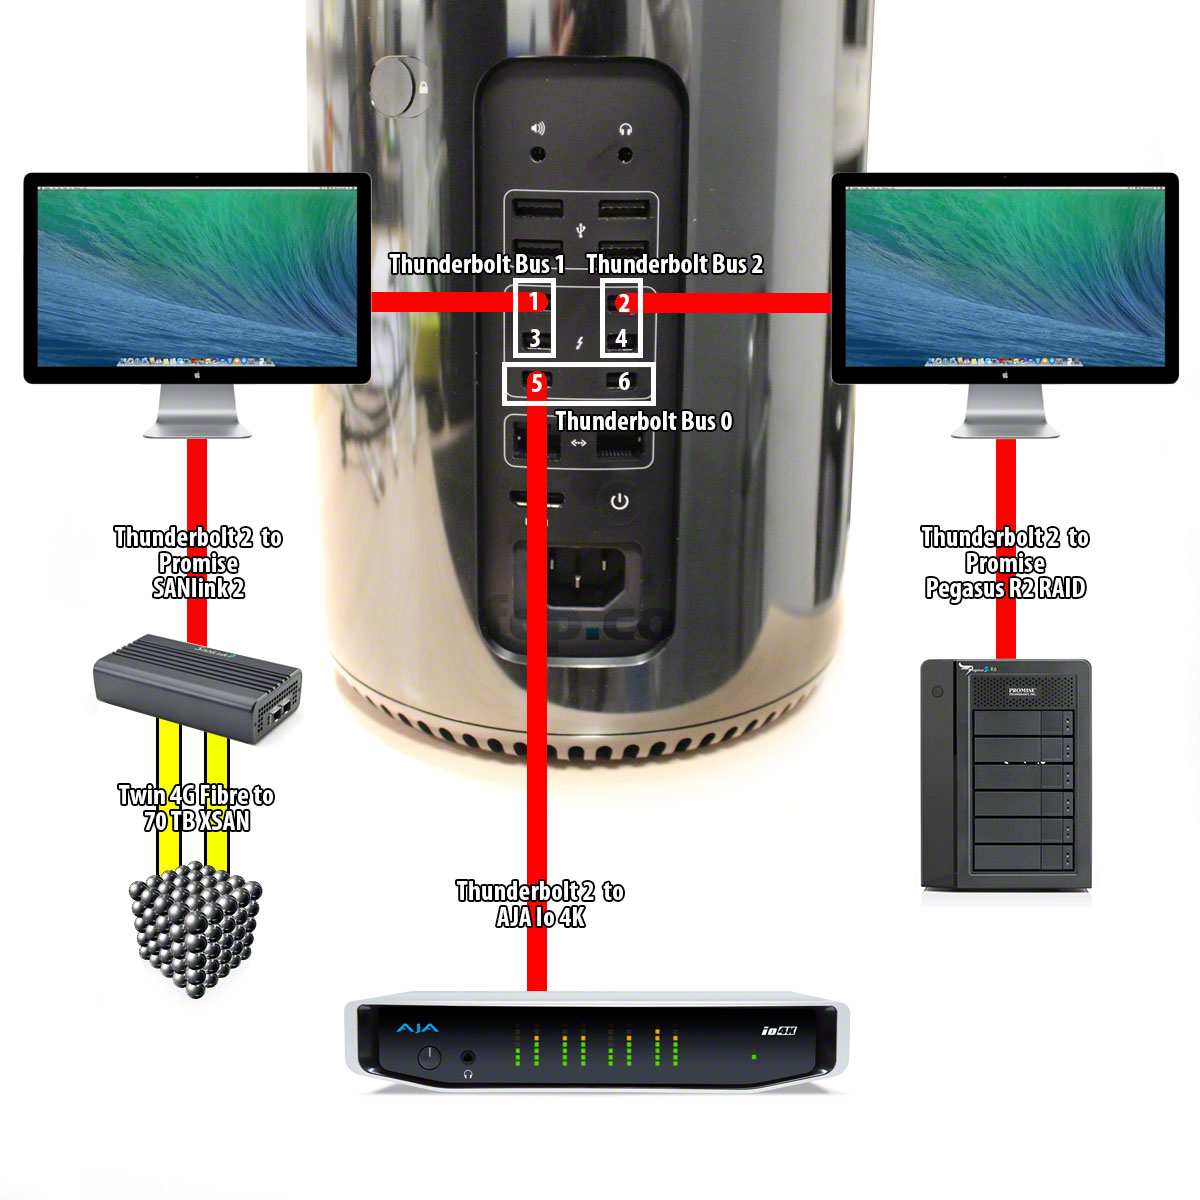 thunderbolt macpro layout dm